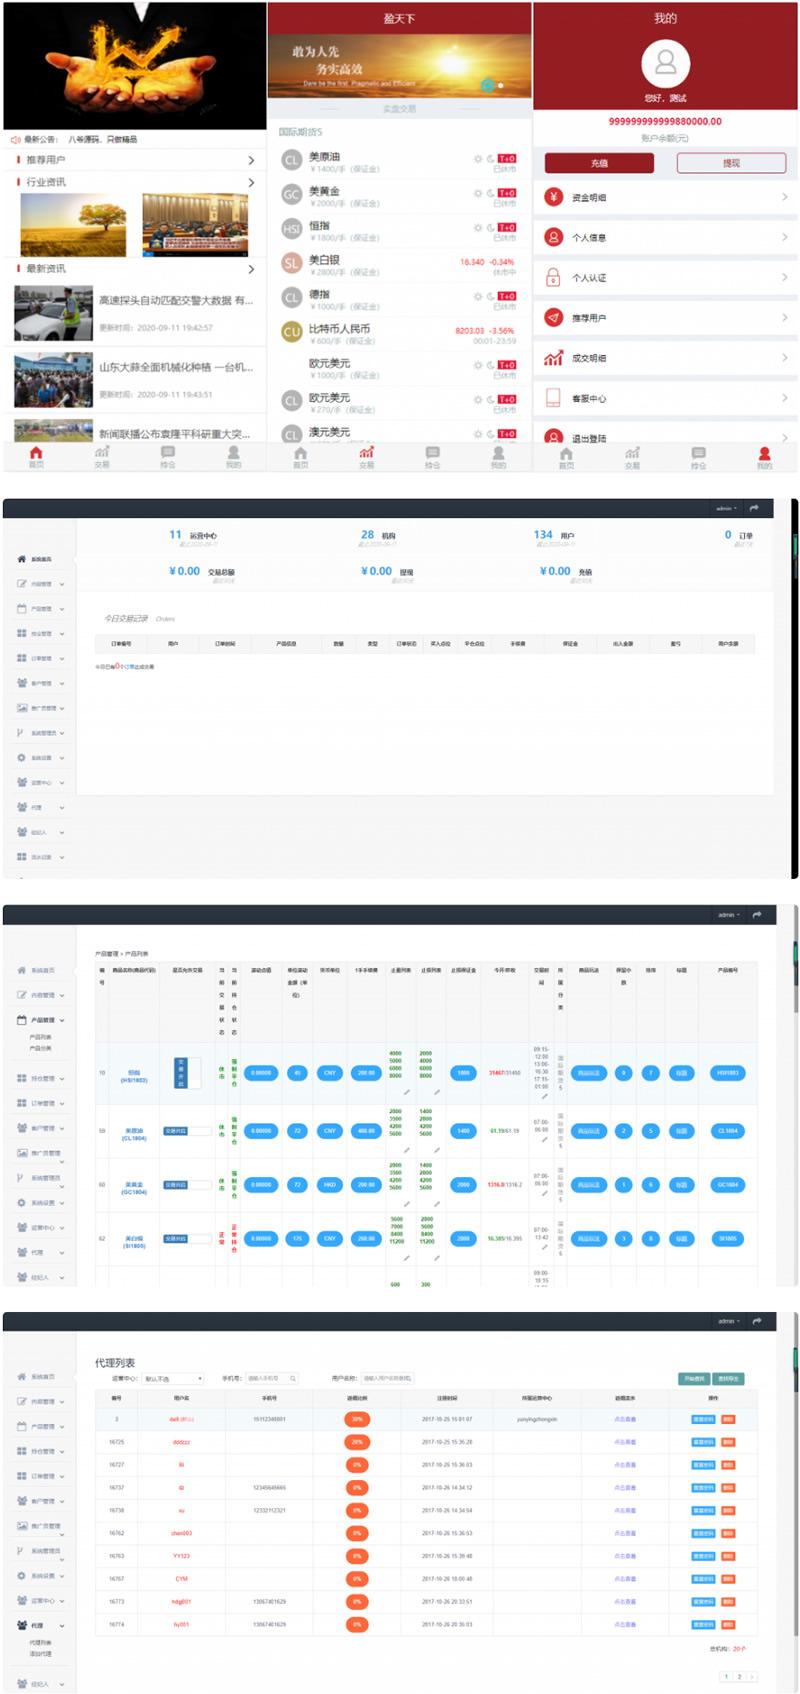 九月最新盈天下带完整数据点位盘系统源码 支持自定义行业资讯文章-爱资源分享